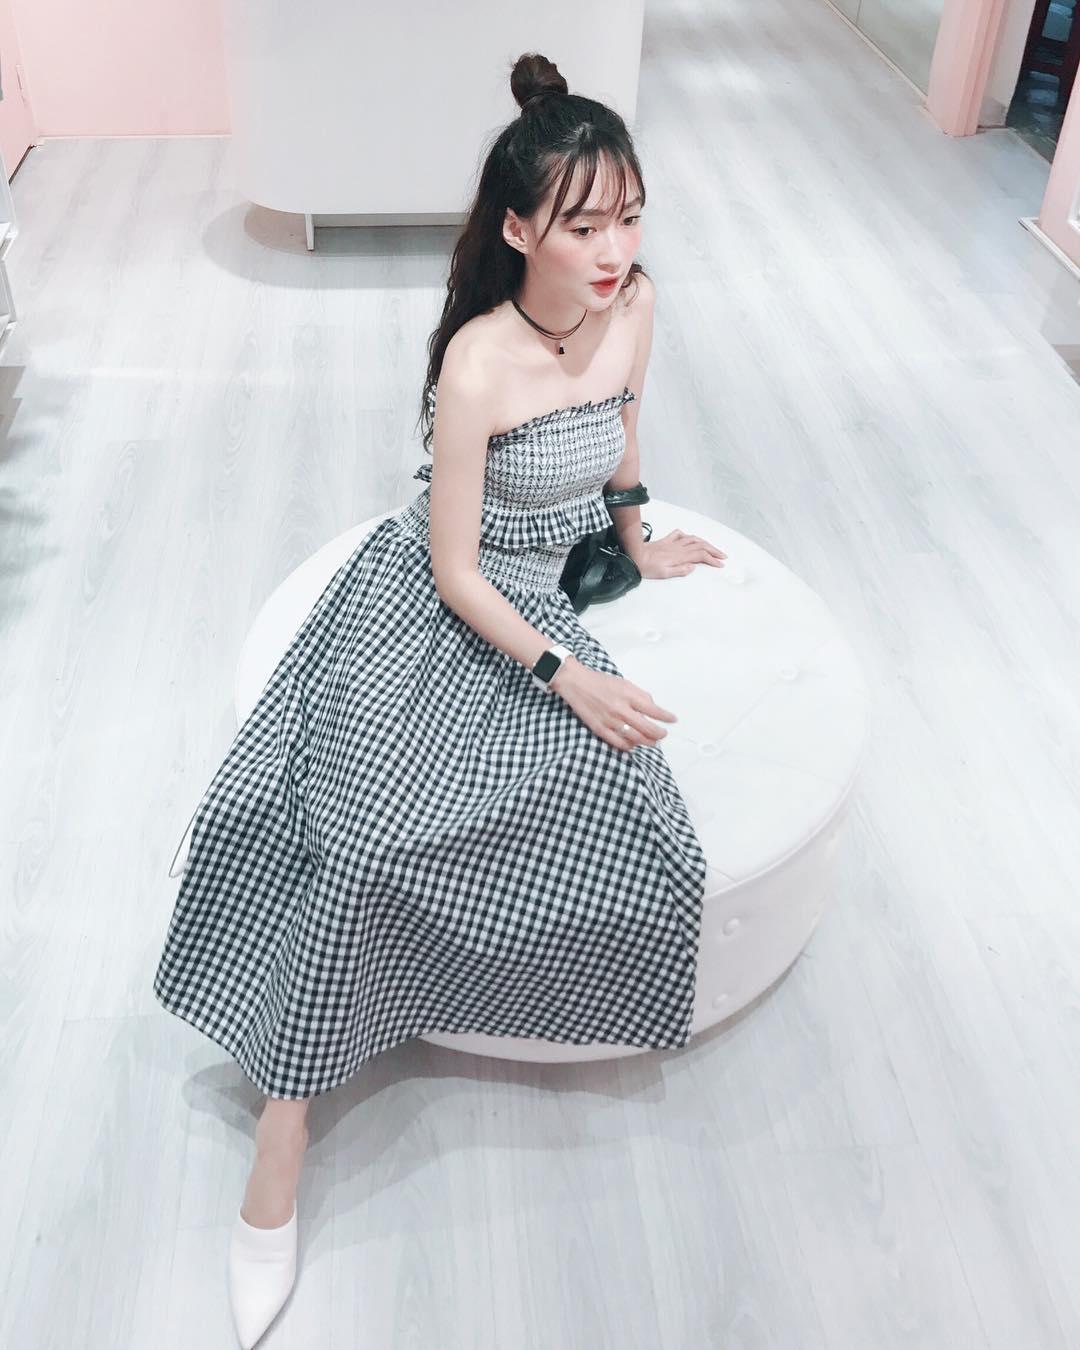 Bộ váy này đang được con gái Việt diện suốt trên Instagram, chứng tỏ gingham là hot trend phá đảo Hè 2017 - Ảnh 4.